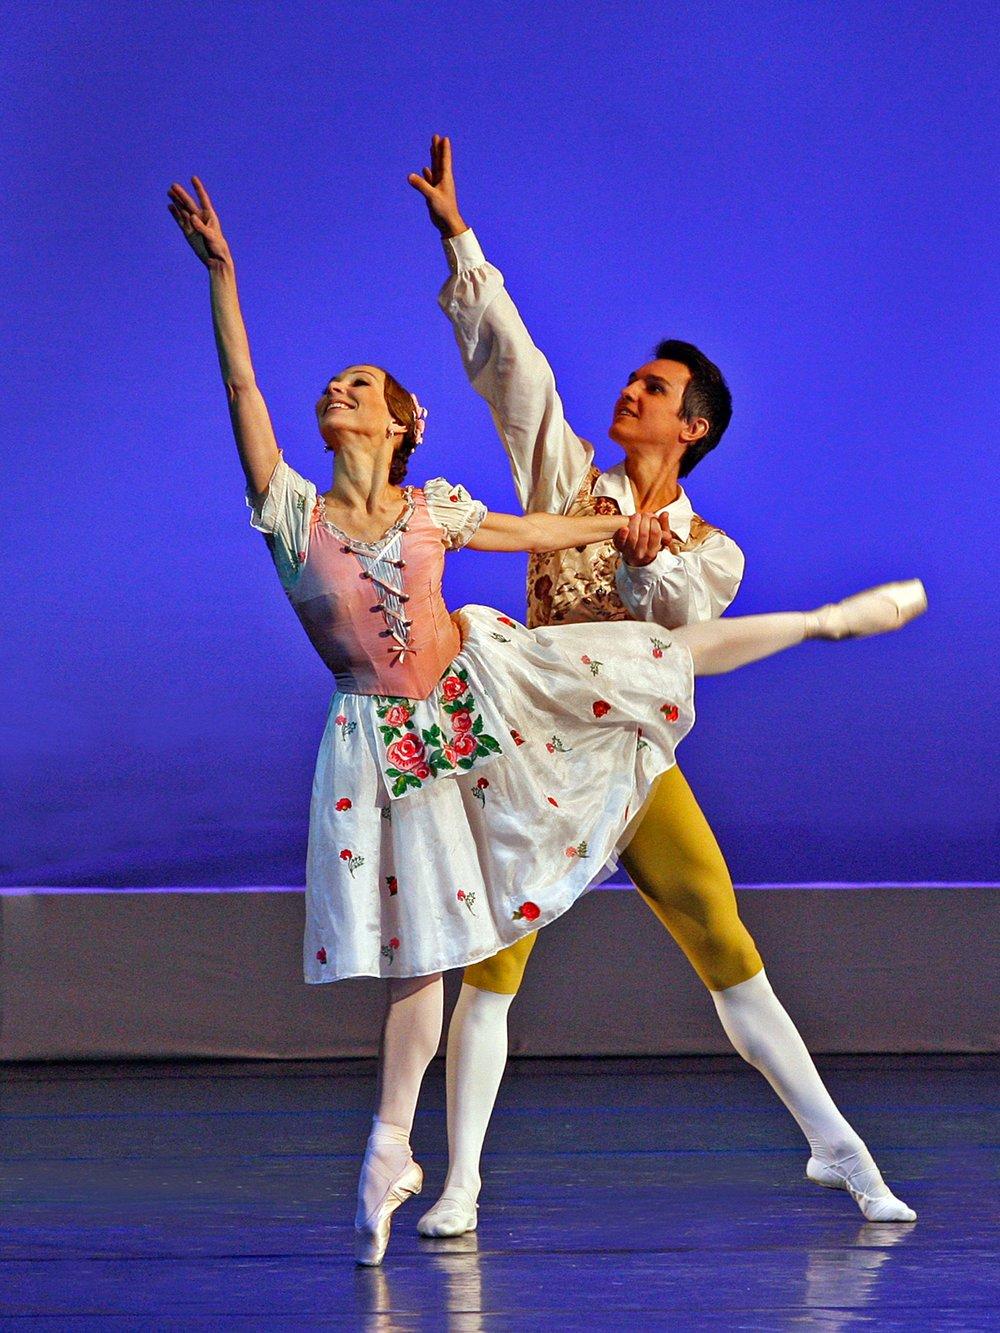 Anastasia Goryacheva, Bolshoi Ballet & Andrey Bolotin, Bolshoi Ballet